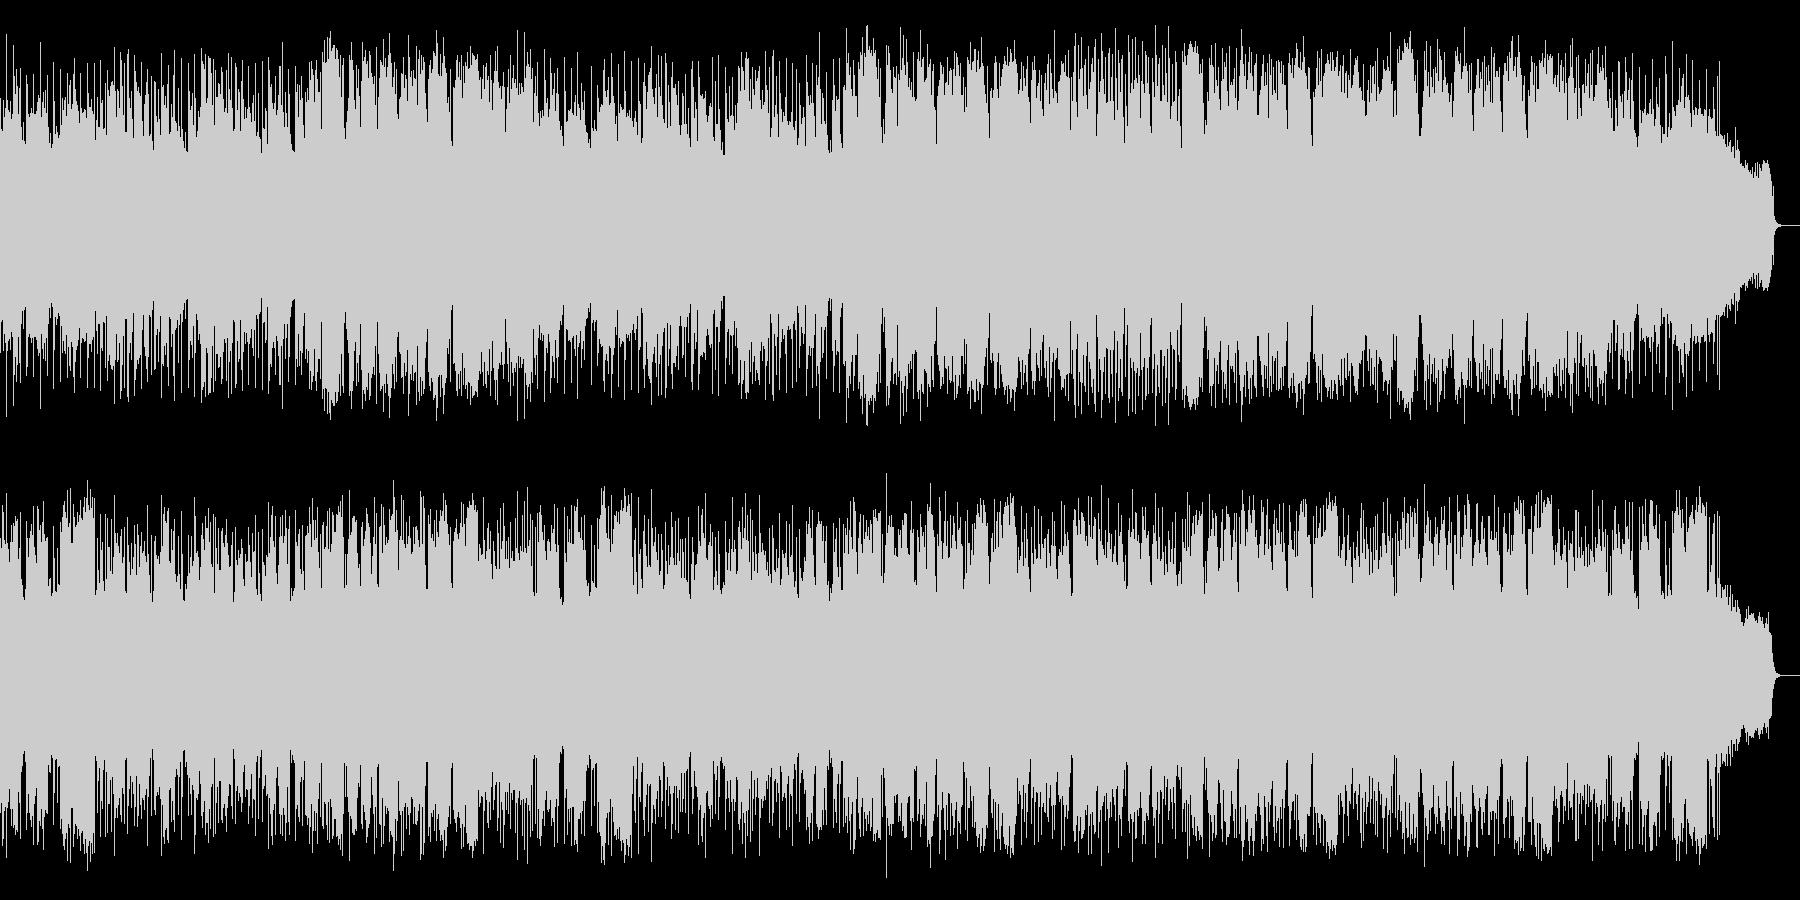 管楽器とピアノによる優しく切ないバラードの未再生の波形